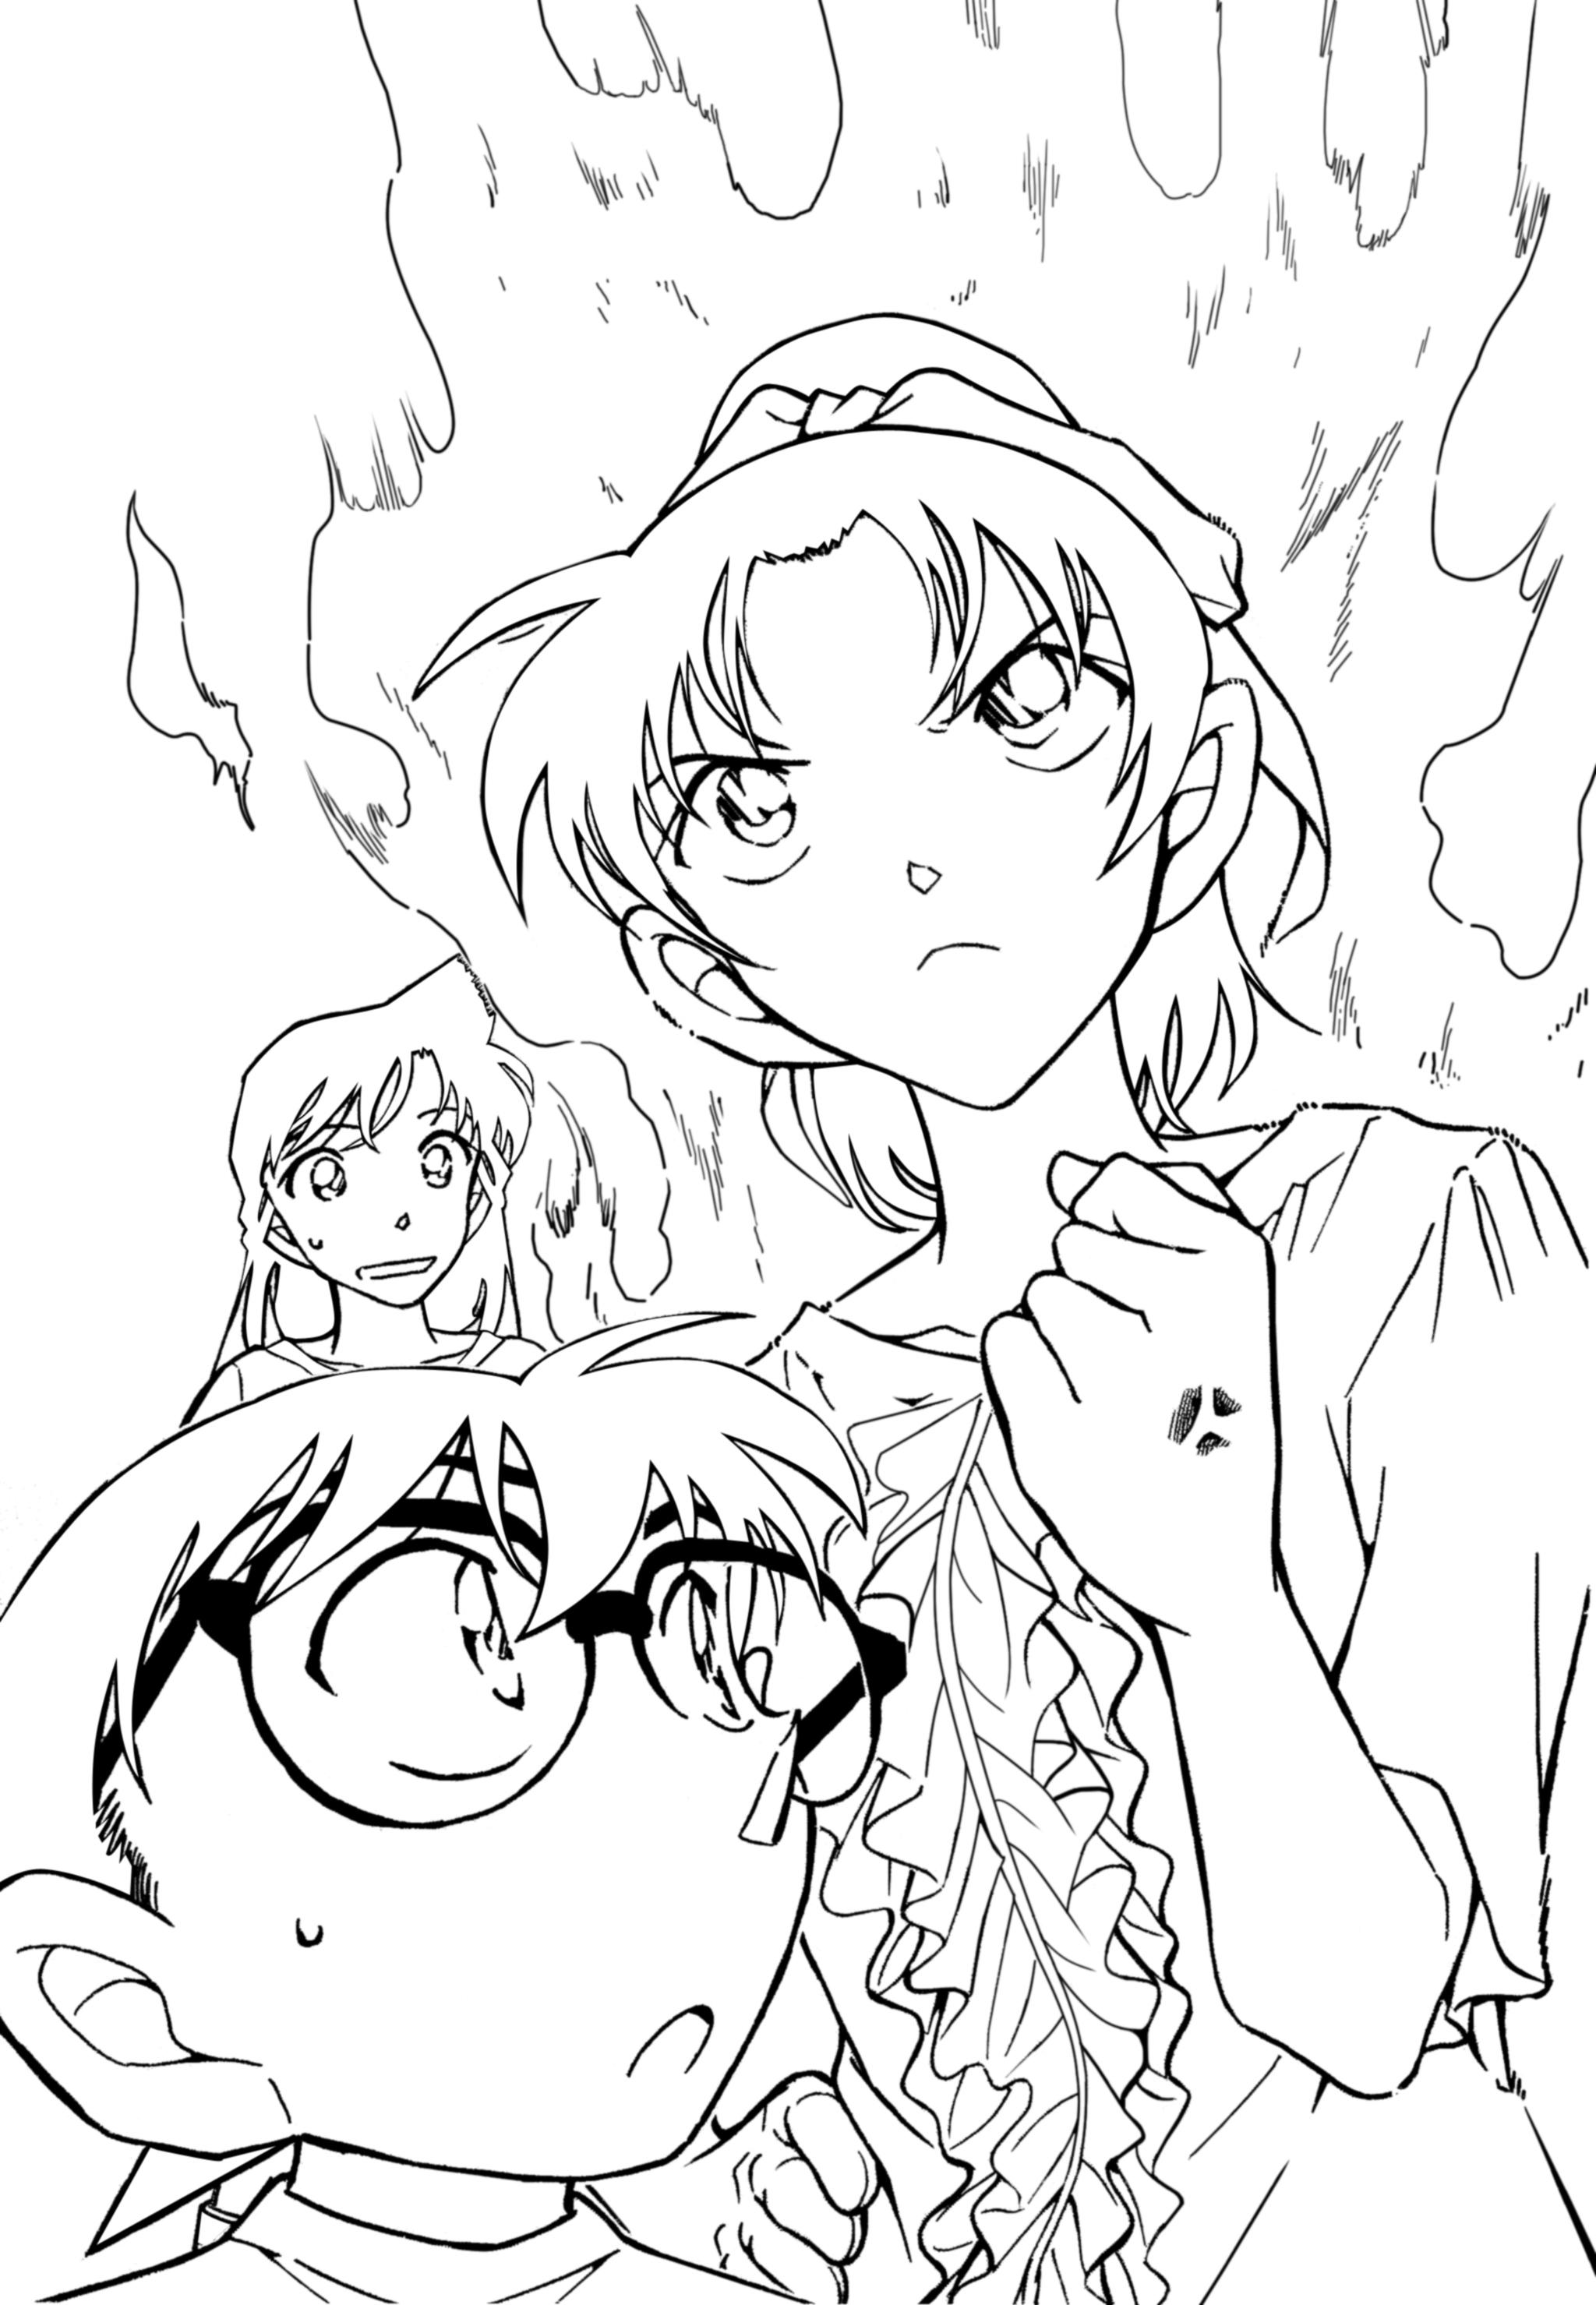 Uncategorized Detective Conan Coloring Pages meitantei conan detective aoyama goushou image 893292 view fullsize image